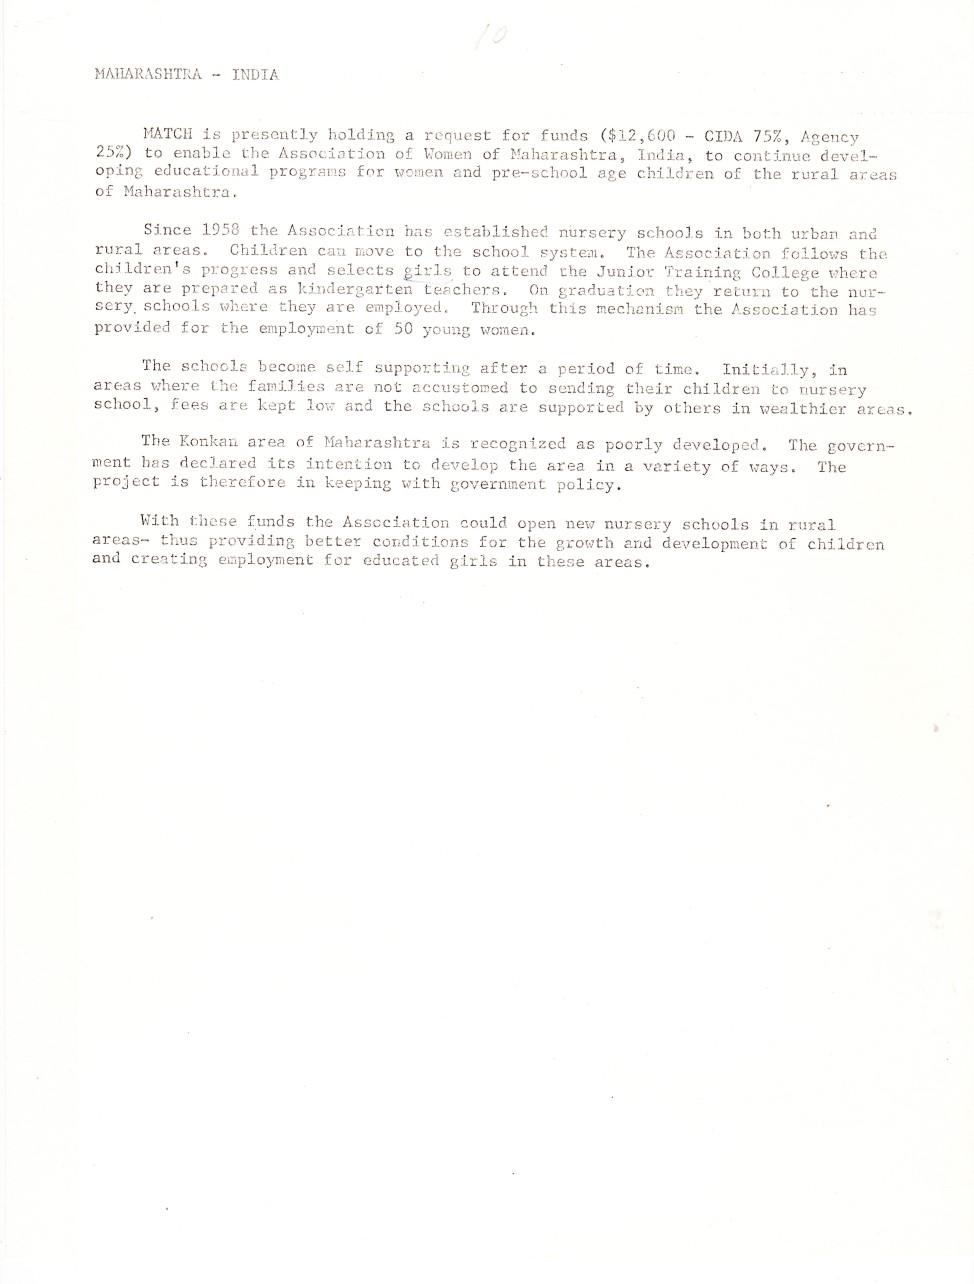 MATCH - Page 10